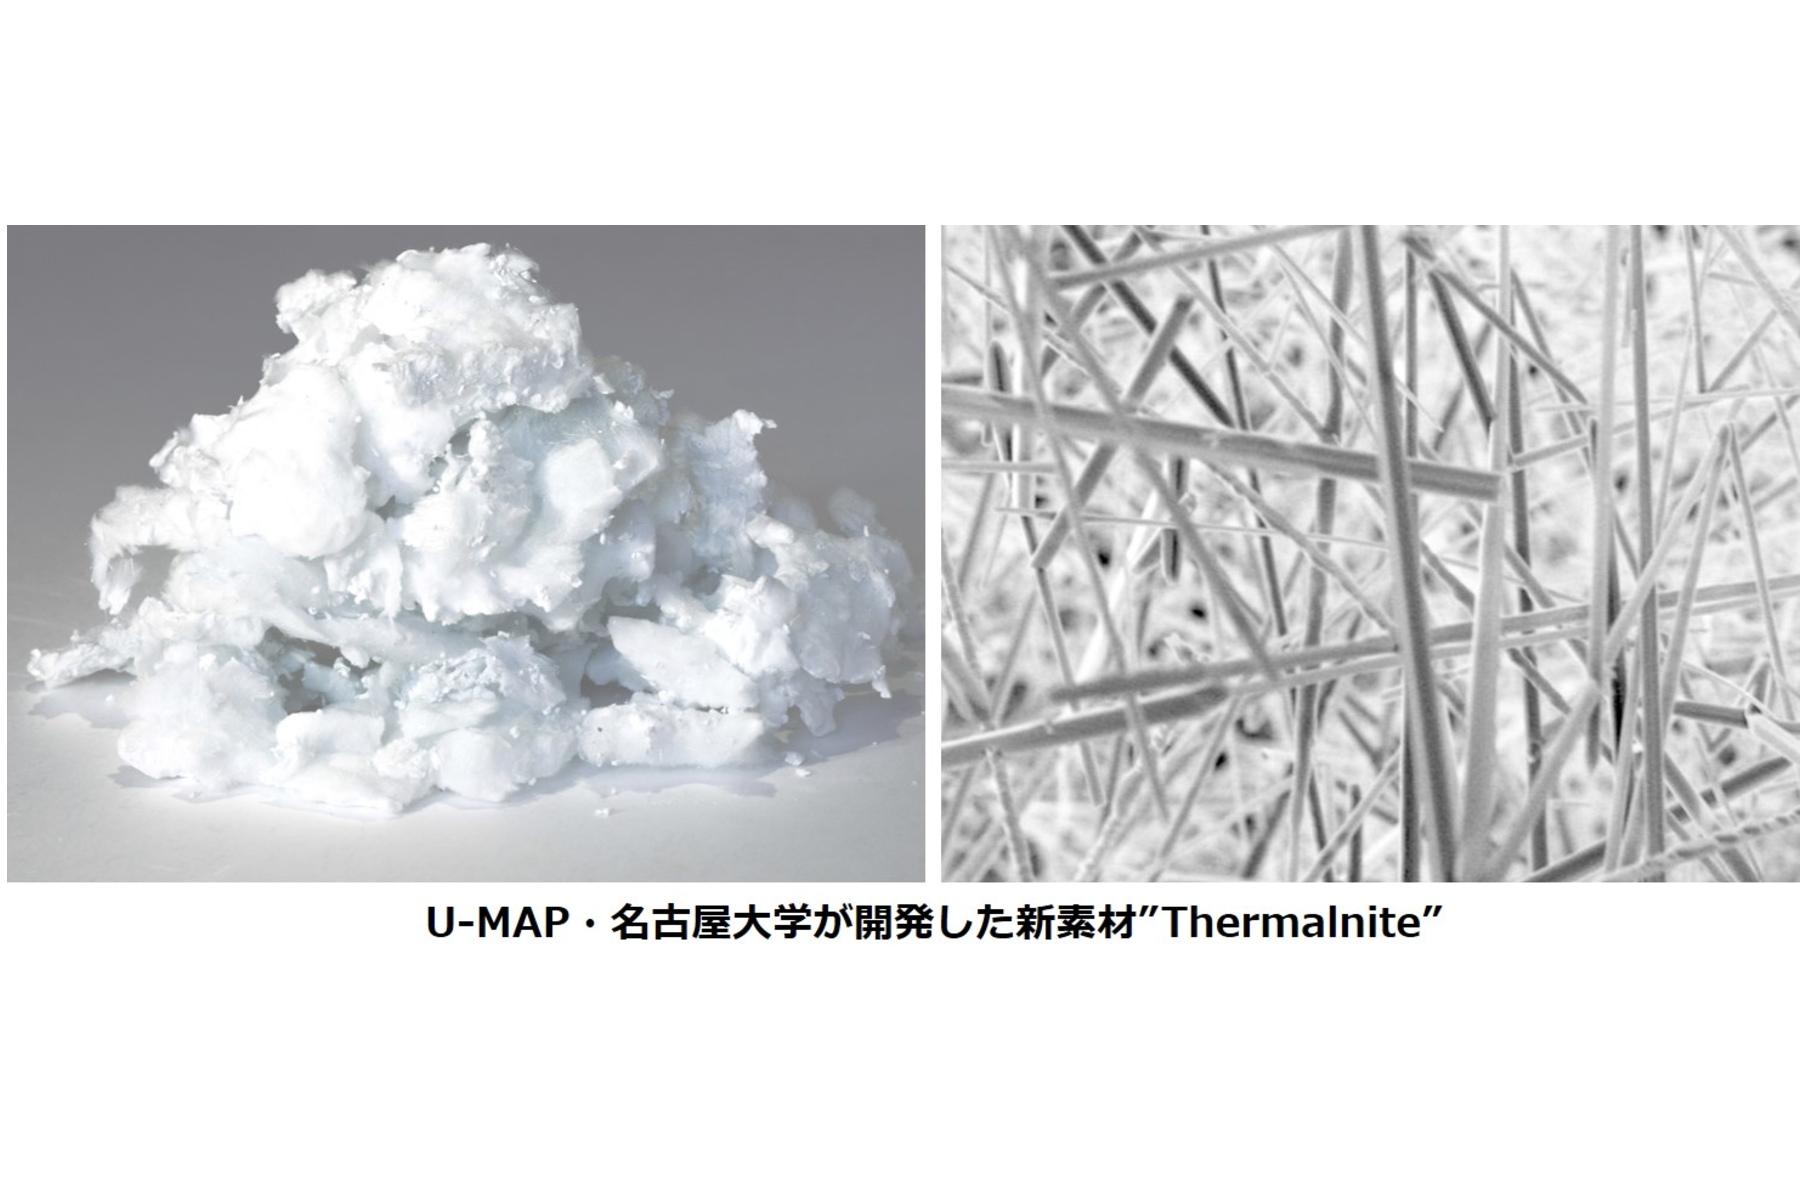 名大発ベンチャー「U-MAP」|リアルテックファンドなどから約3億円を調達、電子機器の「熱問題」を解決する新素材の開発を加速